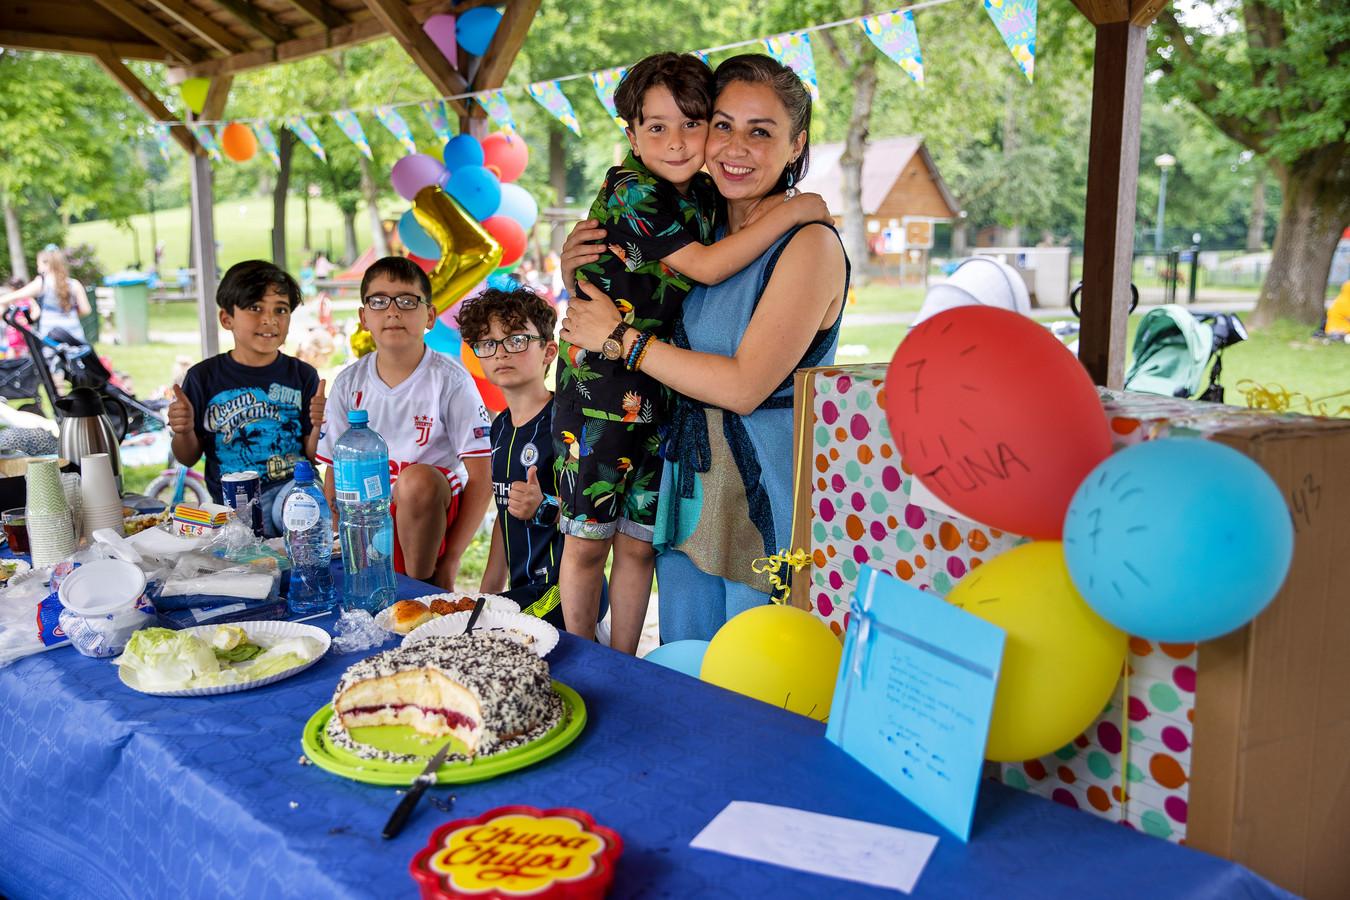 Jarige job Tuna Yildirim viert samen met zijn vriendjes en moeder Isil zijn zevende verjaardag bij Speelpark De Splinter in Eindhoven.